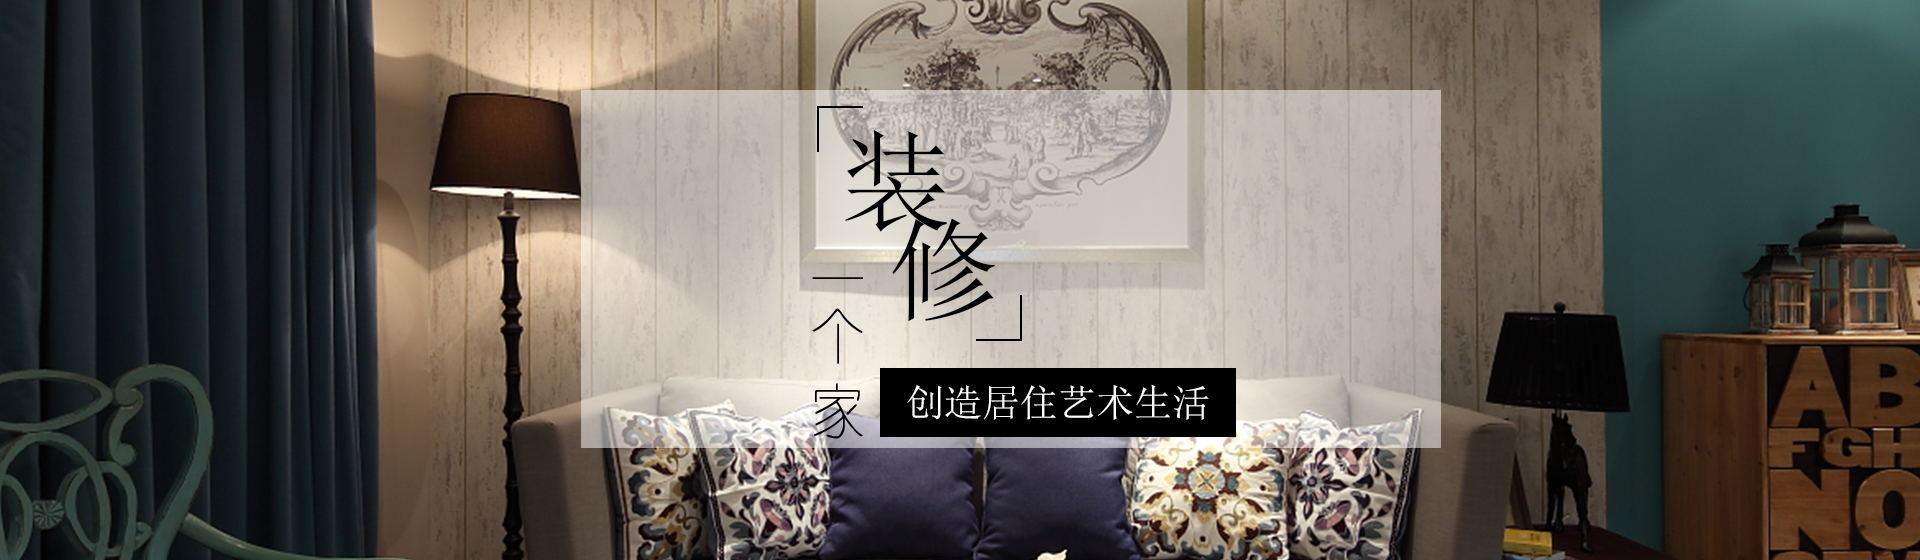 荆州装饰公司